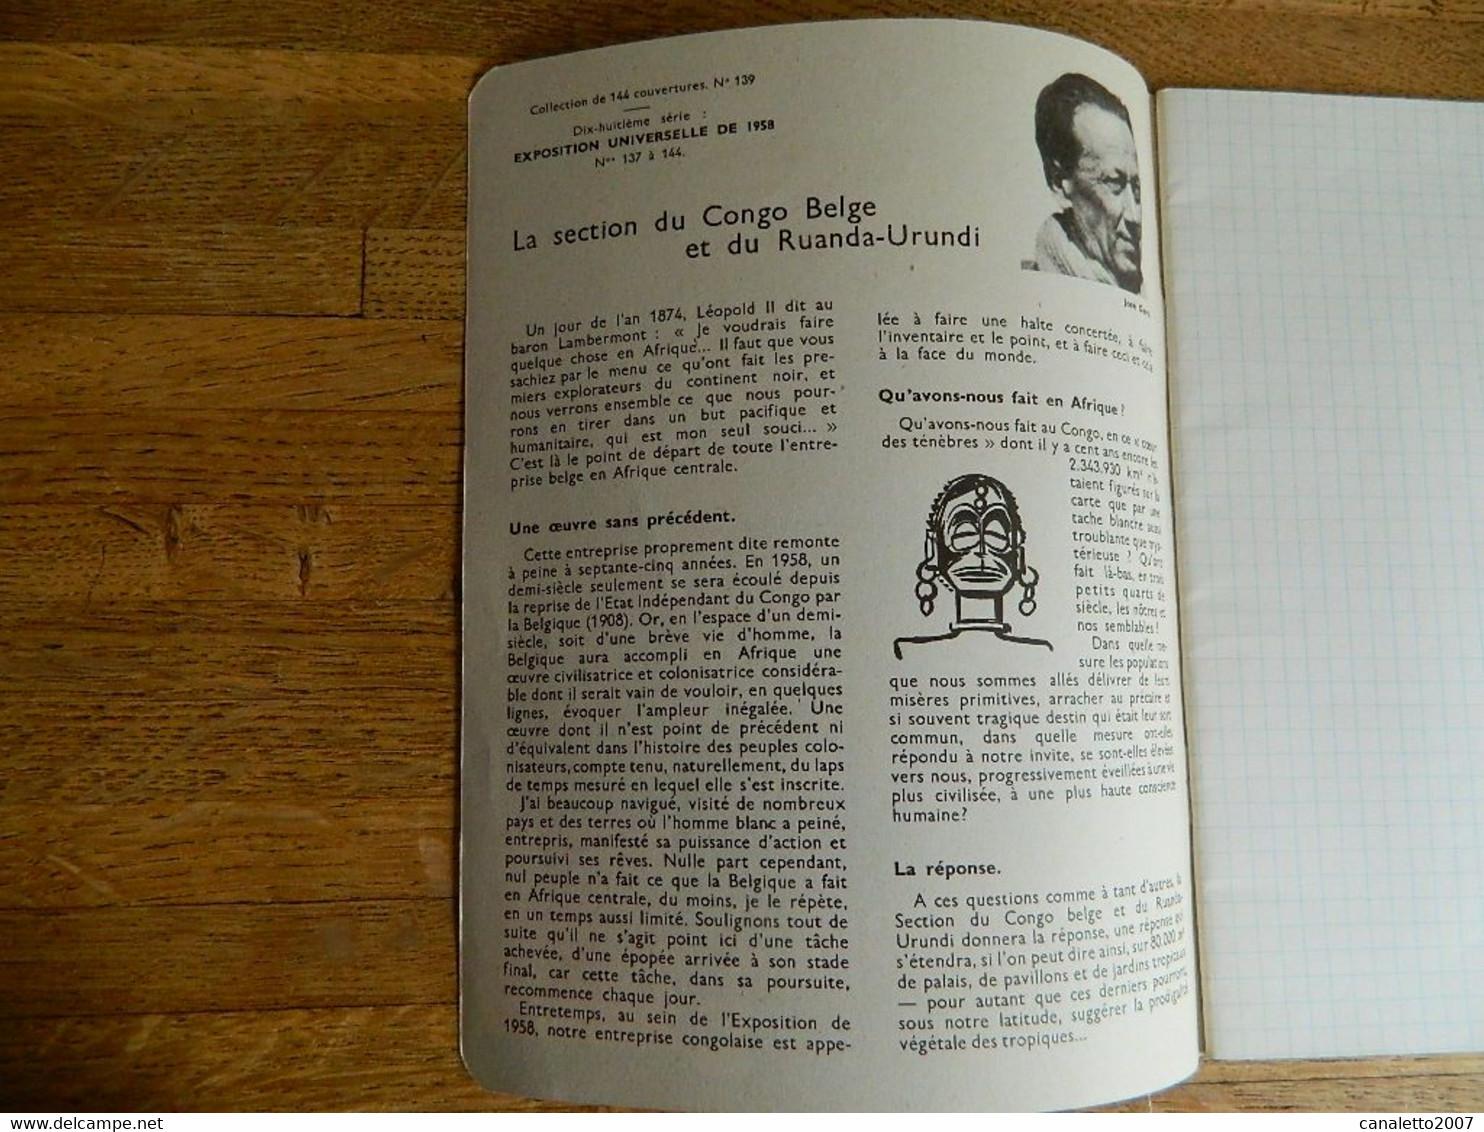 CROIX ROUGE:CAHIER ET BUVARD VIERGE DE L'EXPOSITION UNIVERSELLE DE BRUXELLES DE 1958 -SECTION DU CONGO BELGE N° 139 - Unclassified